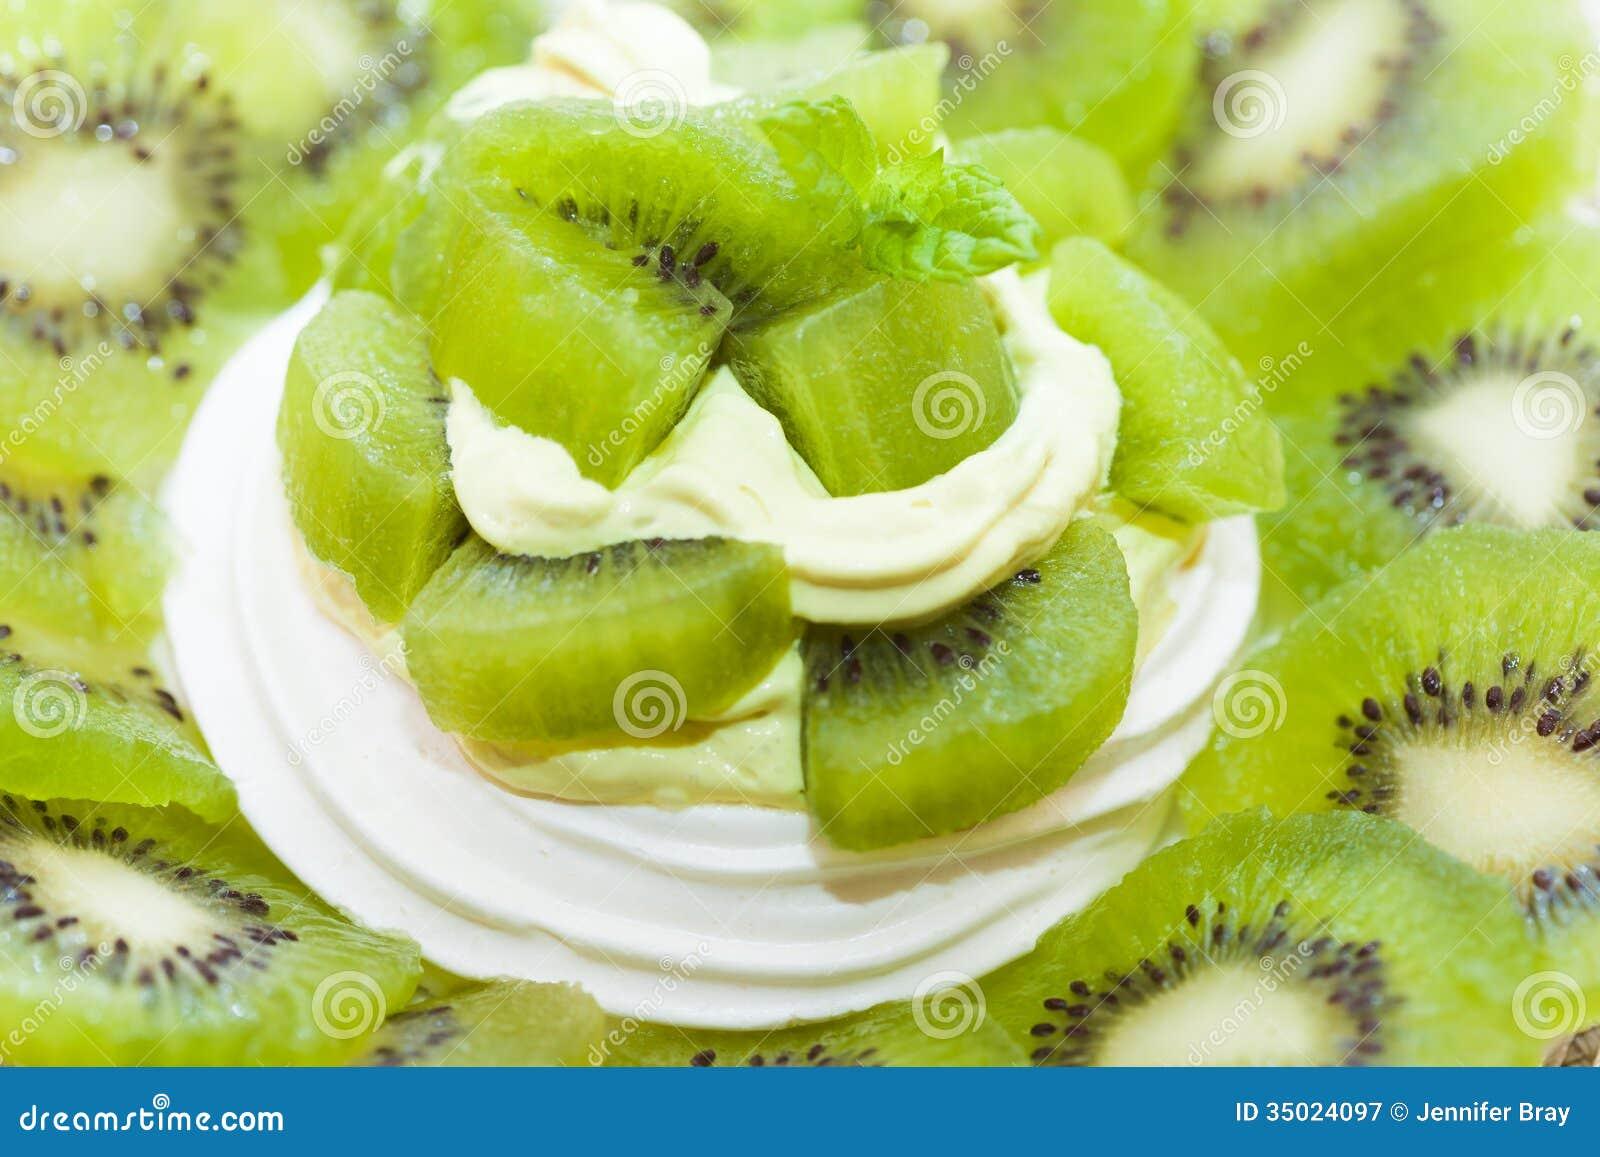 Κτυπημένα κρέμα ακτινίδιων φρούτα και επιδόρπιο φωλιών μαρέγκας